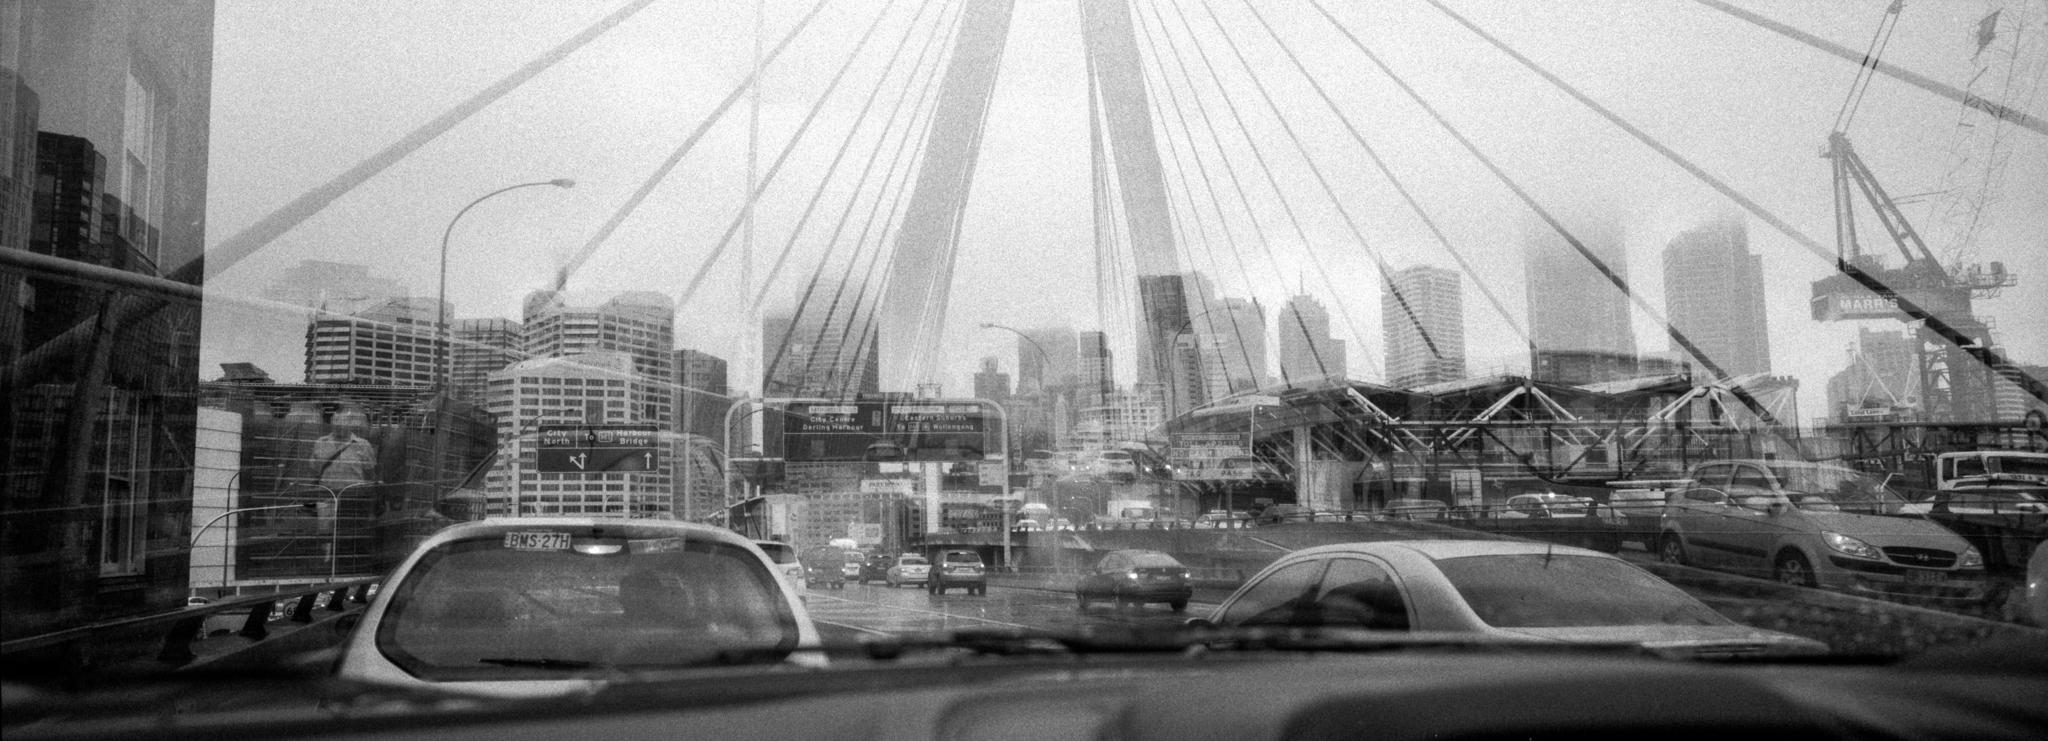 michael jolliffe  anzac bridge   xpan   45mm